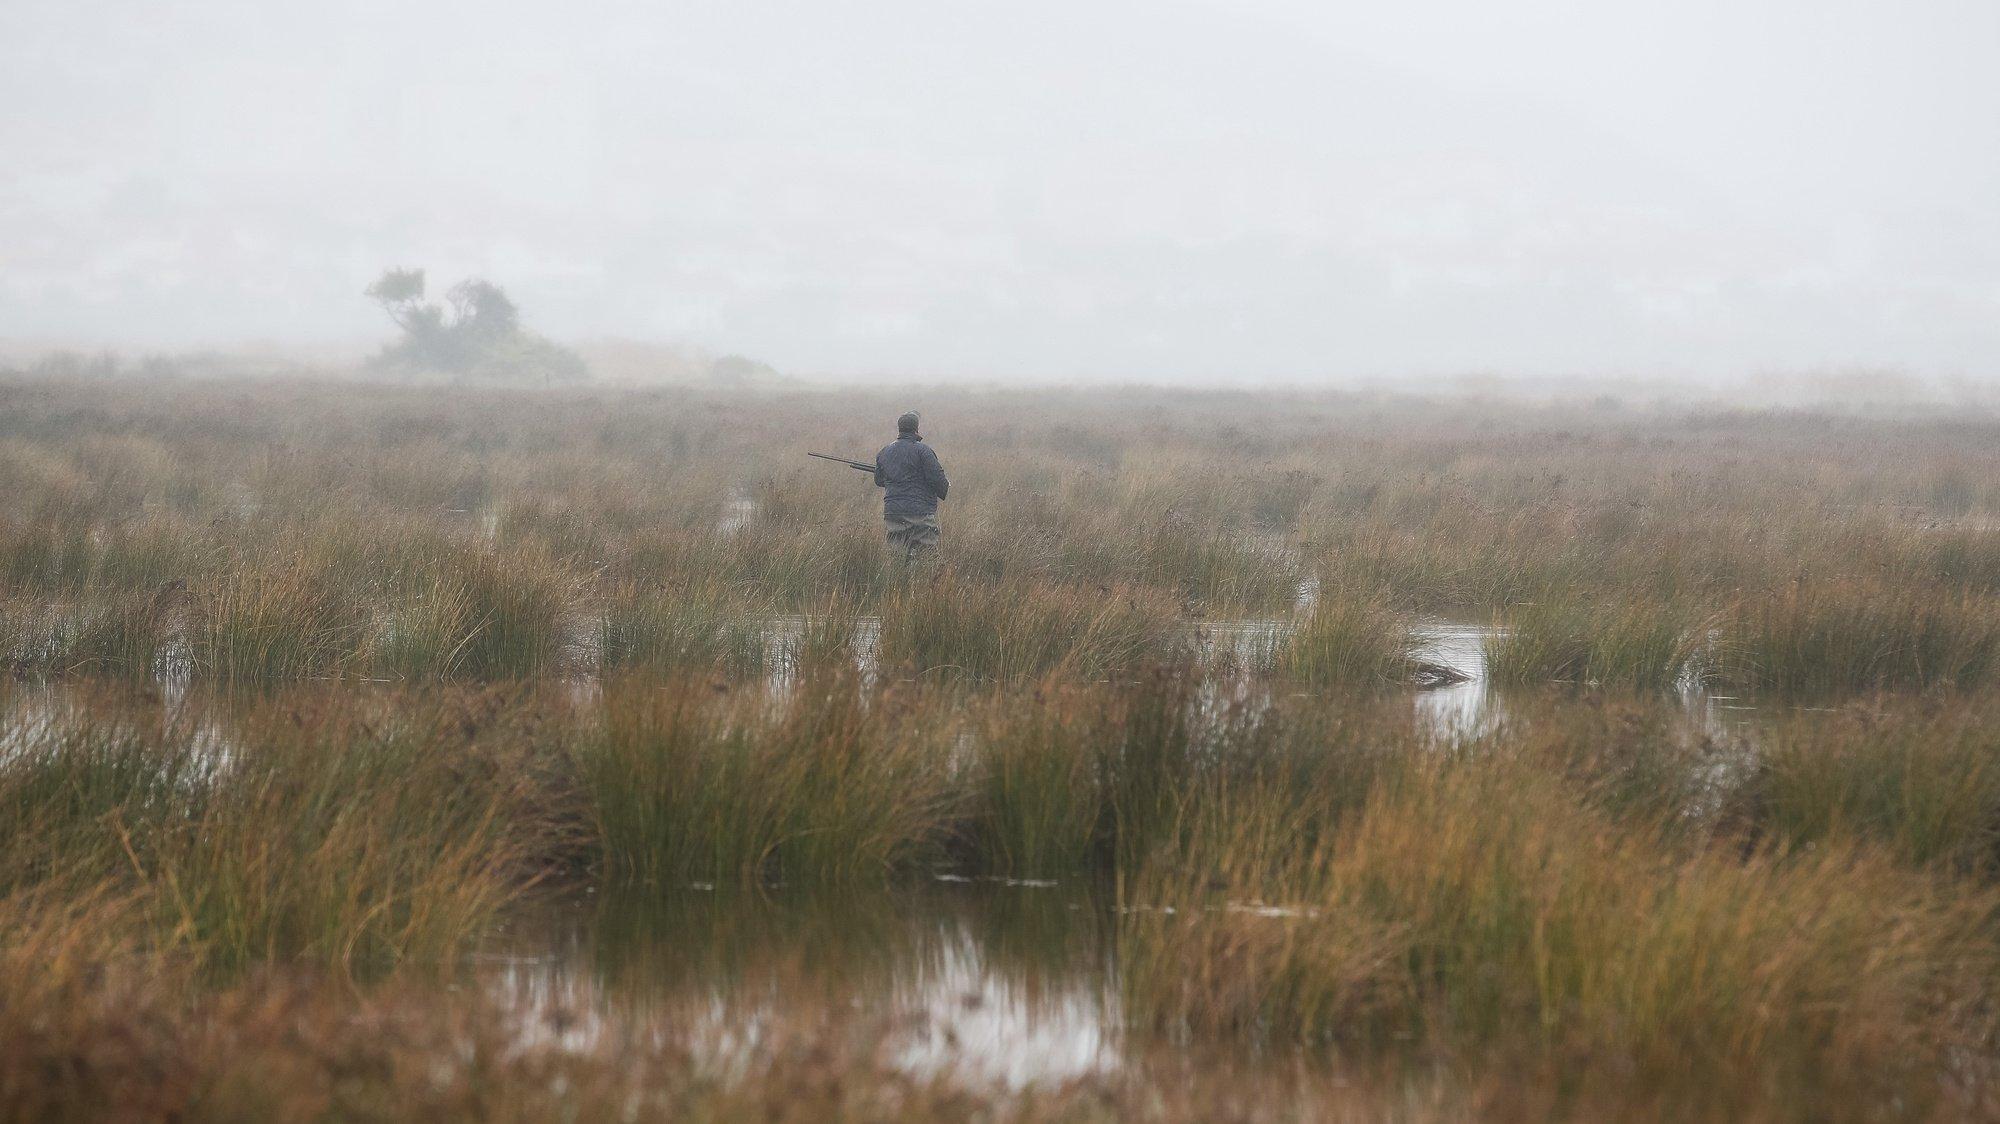 Um caçador durante uma caçada ao pato, na ilha da Morraceira, junto à Figueira da Foz, Coimbra, 20 de agosto de 2020. A pandemia de covid-19 não afetou a caça ao pato no estuário do rio Mondego, mas os convívios realizados pelos caçadores no final das caçadas deixaram de suceder devido ao novo coronavírus. (ACOMPANHA TEXTO DE 21 DE AGOSTO DE 2020). PAULO NOVAIS/LUSA